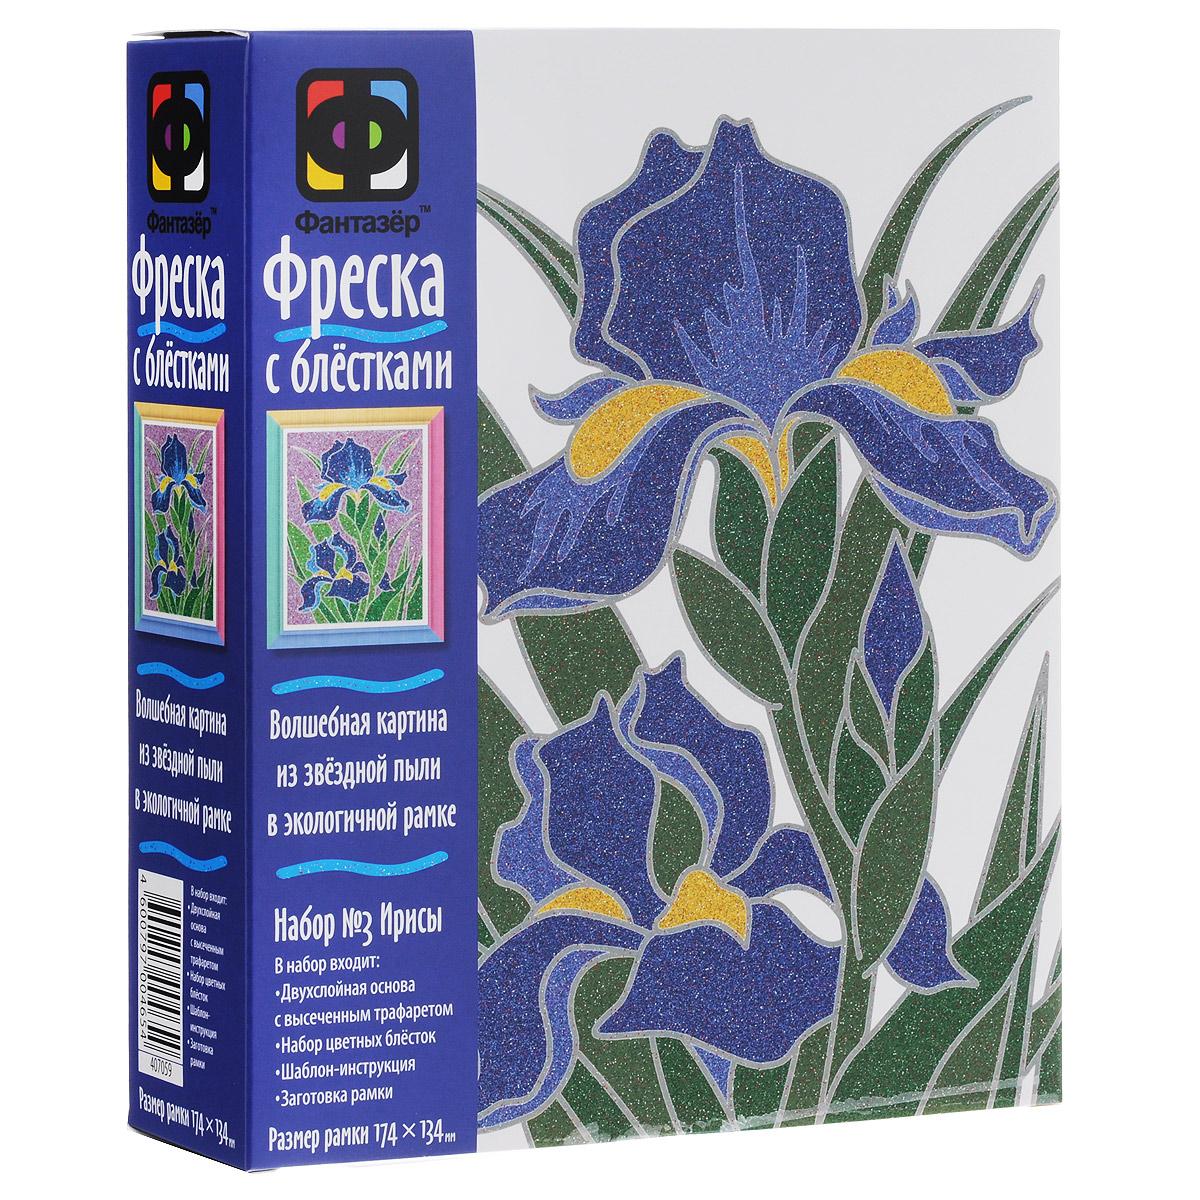 Набор для создания фрески Фантазер Ирисы407059С набором для создания фрески Фантазер Ирисы ваш ребенок сможет изготовить удивительную картину из цветных блесток! В набор входят: блестки 7 цветов (зеленый, светло-зеленый, желтый, белый, синий, голубой, сиреневый), специальная двухслойная основа, заготовка рамки, шаблон, кисточка, салфетка, 2 деревянные шпажки, двусторонний скотч. Малыш без труда создаст необычную песчаную картину, которая будет отличным украшением комнаты или кабинета и объектом гордости вашего ребенка. Процесс создания картины из блесток прост и увлекателен - достаточно отклеить защитный слой с каждого элемента с помощью деревянных шпажек и засыпать его блестками разных цветов с помощью кисточки, ориентируясь на изображение на обратной стороне упаковки. Переходите от мелких элементов к более крупным. А с помощью салфетки вы сможете стряхнуть лишние блестки. Готовую картинку с изображением красивых цветов можно оформить входящей в комплект сборной рамкой с помощью двухстороннего скотча....